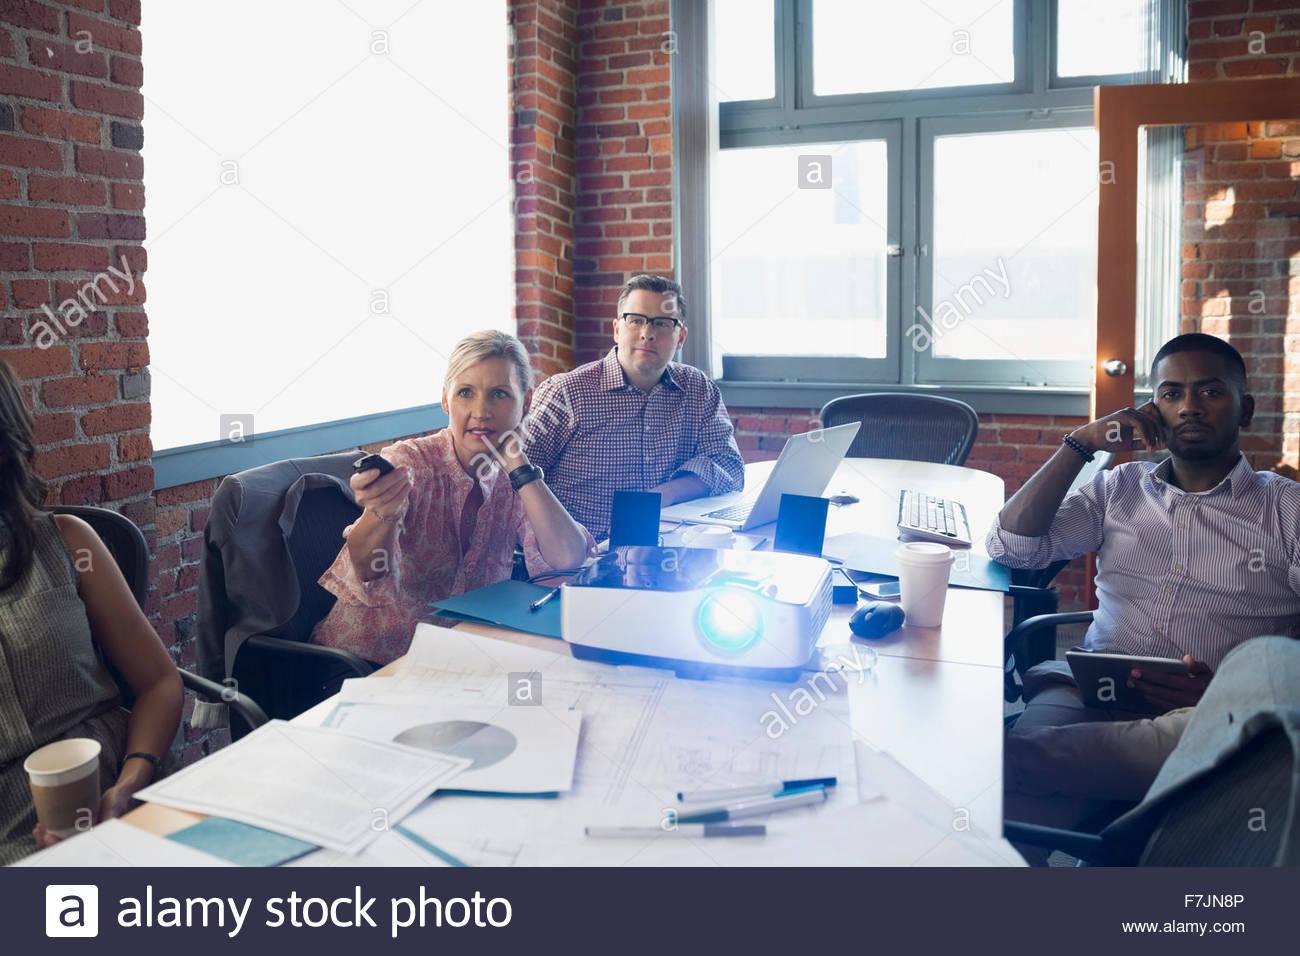 Gente de negocios utilizando el proyector en la sala reunión Imagen De Stock